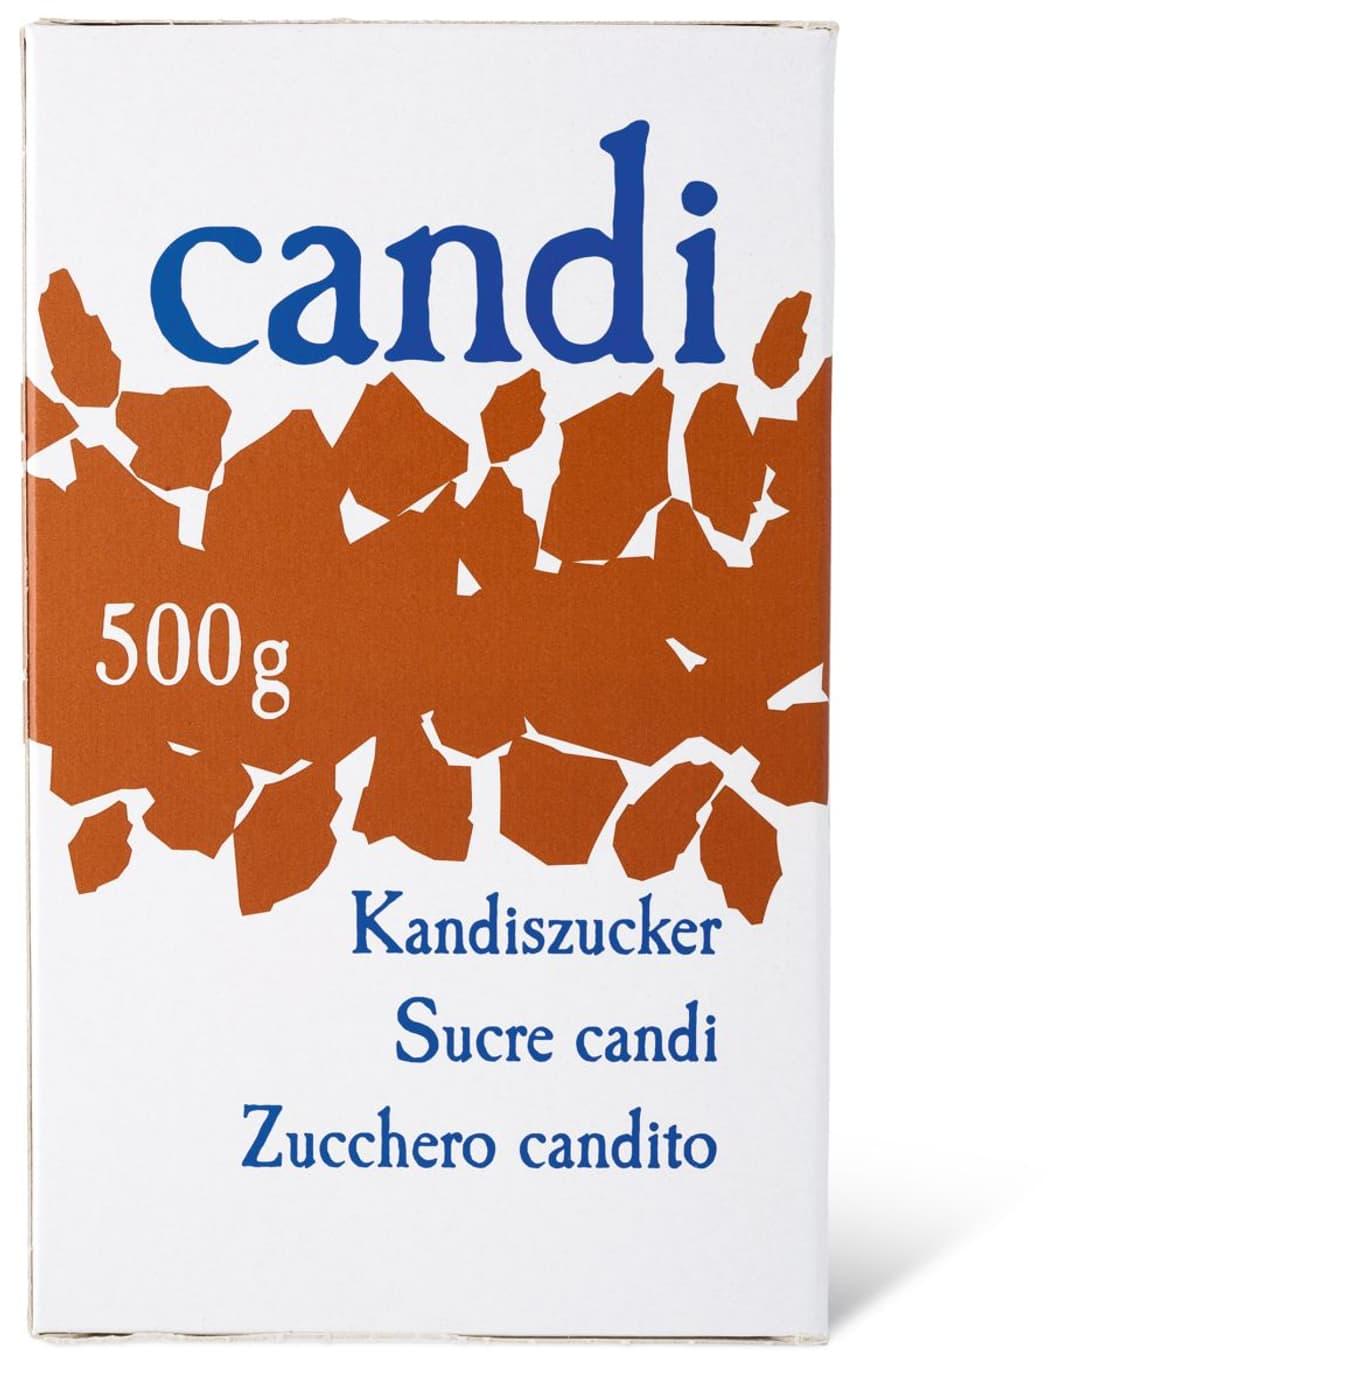 Candi Kandiszucker | Migros